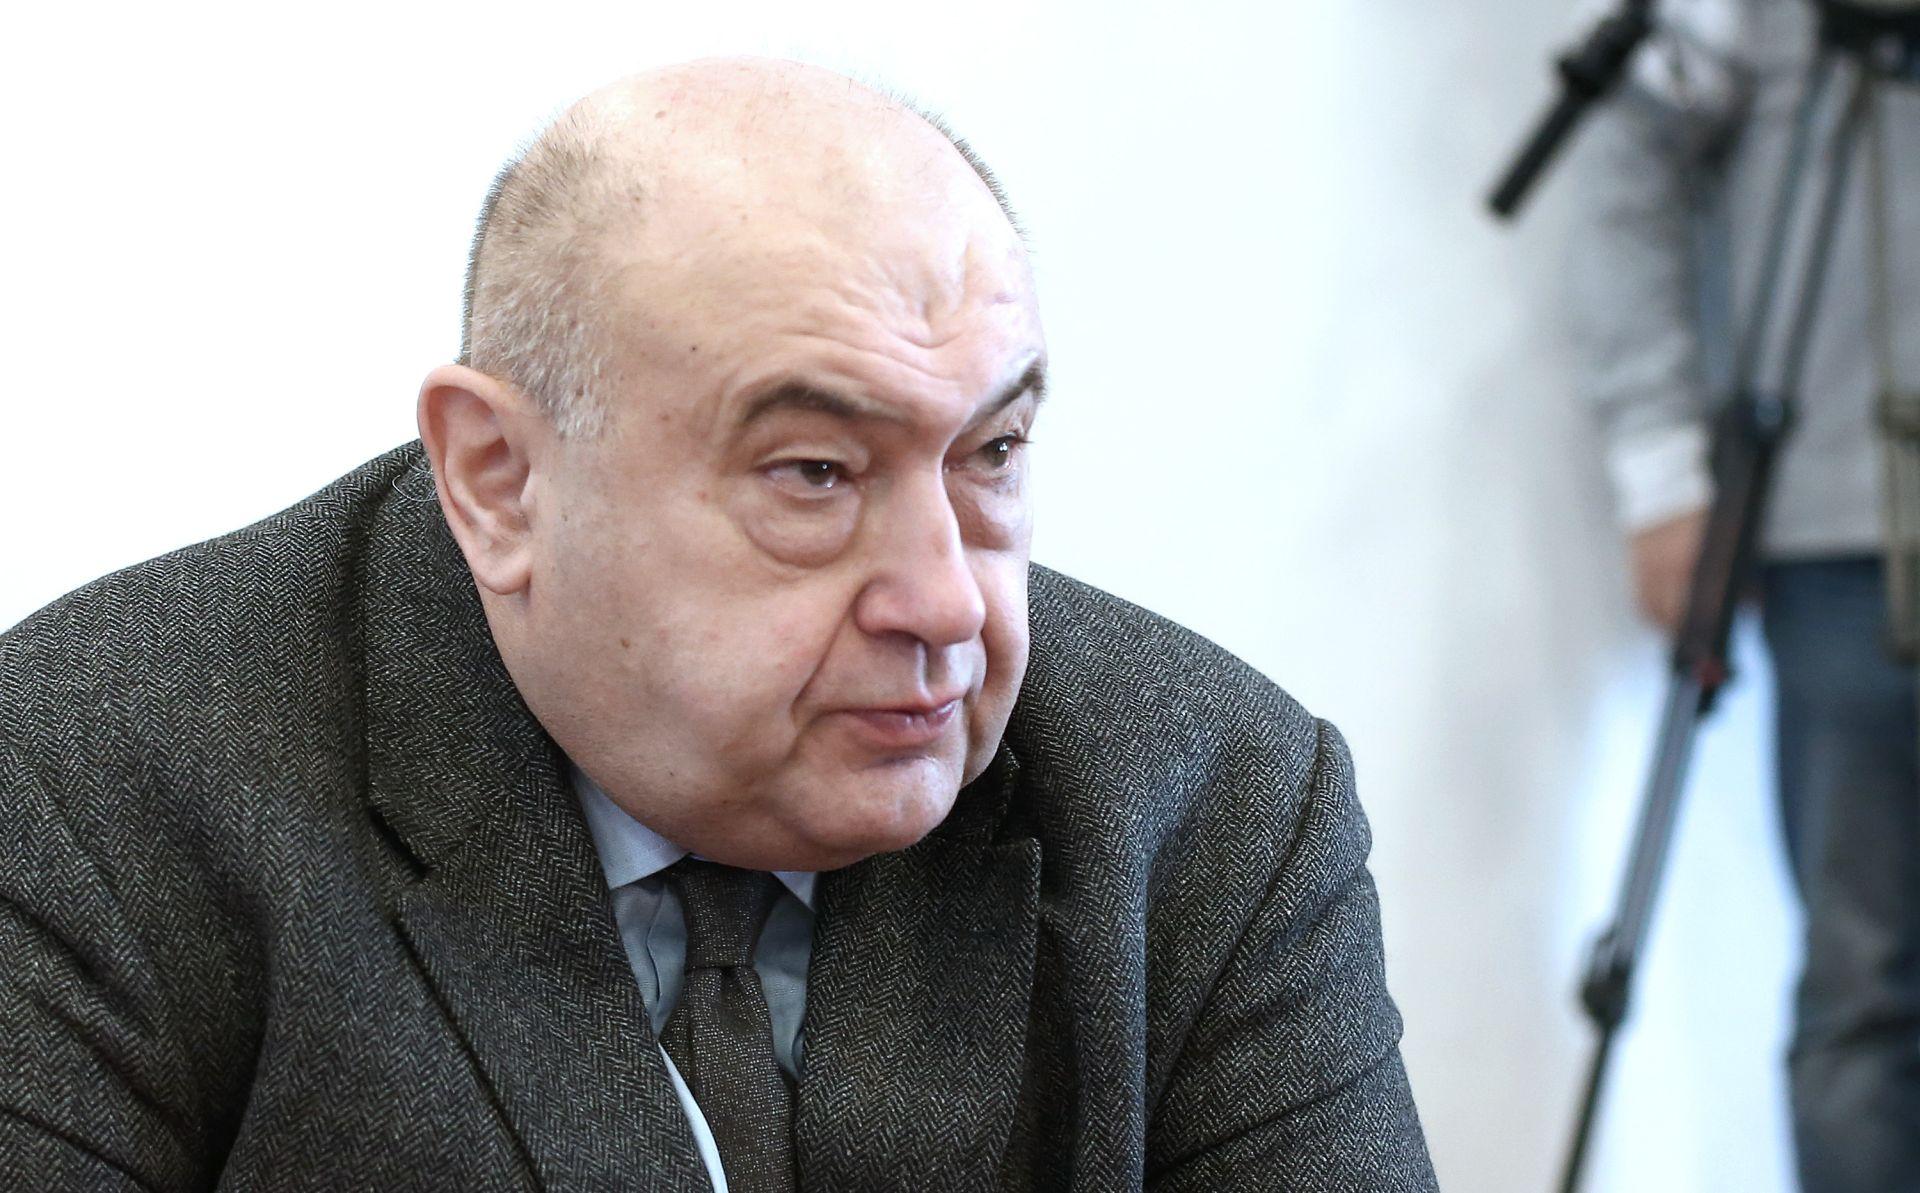 PRODANOVIĆ 'Todorić tvrdi da ima snimljene poruke i pisma koja nam nije pokazao'